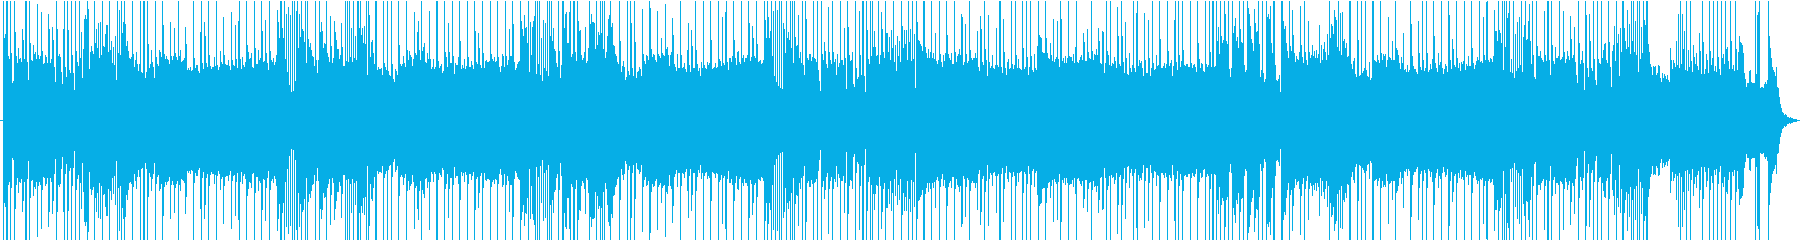 力強さを感じるシンプルなギターロックの再生済みの波形